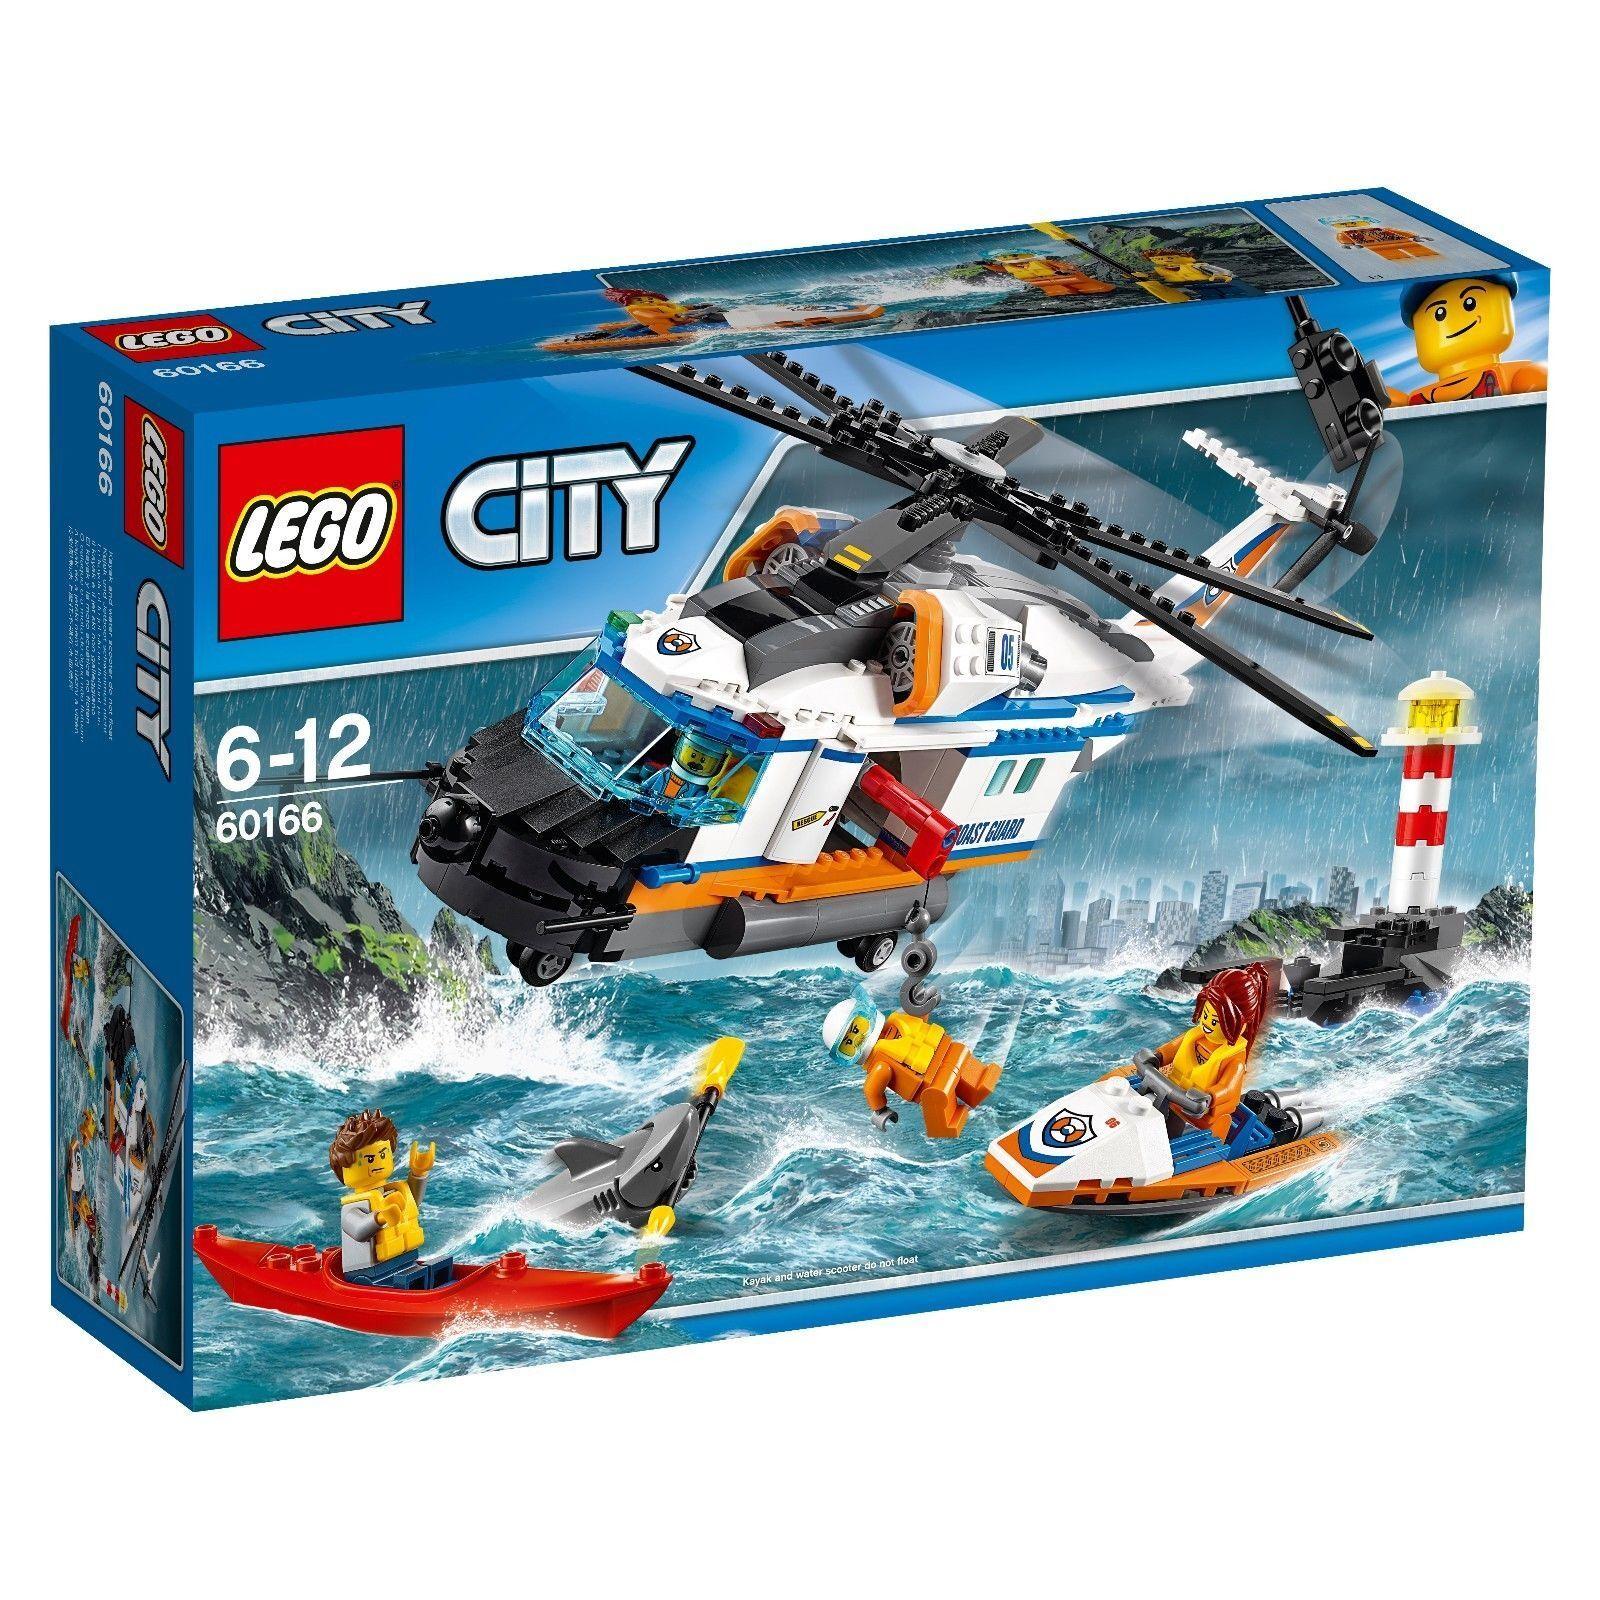 LEGO ®  City 60166  détresse-Hélicoptère de sauvetage  GARDE-CÔTES Centre Nouveau Neuf dans sa boîte  pour pas cher